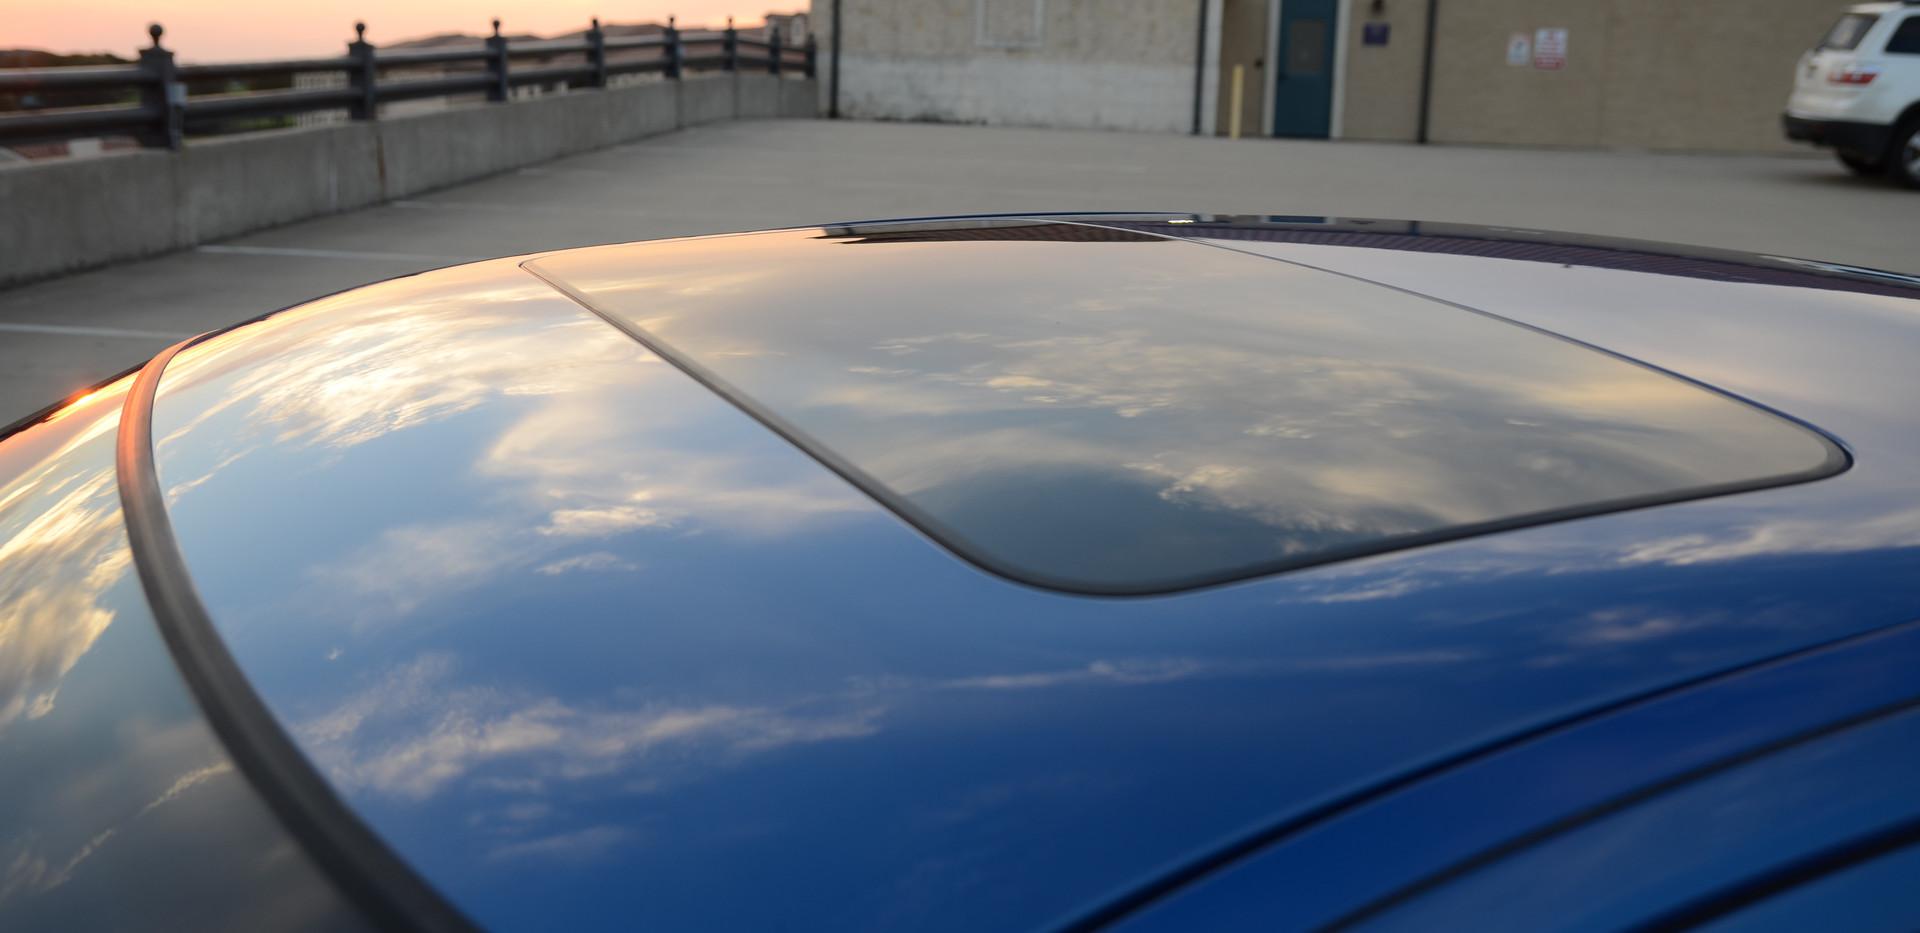 volvo passenger roof 18.jpg